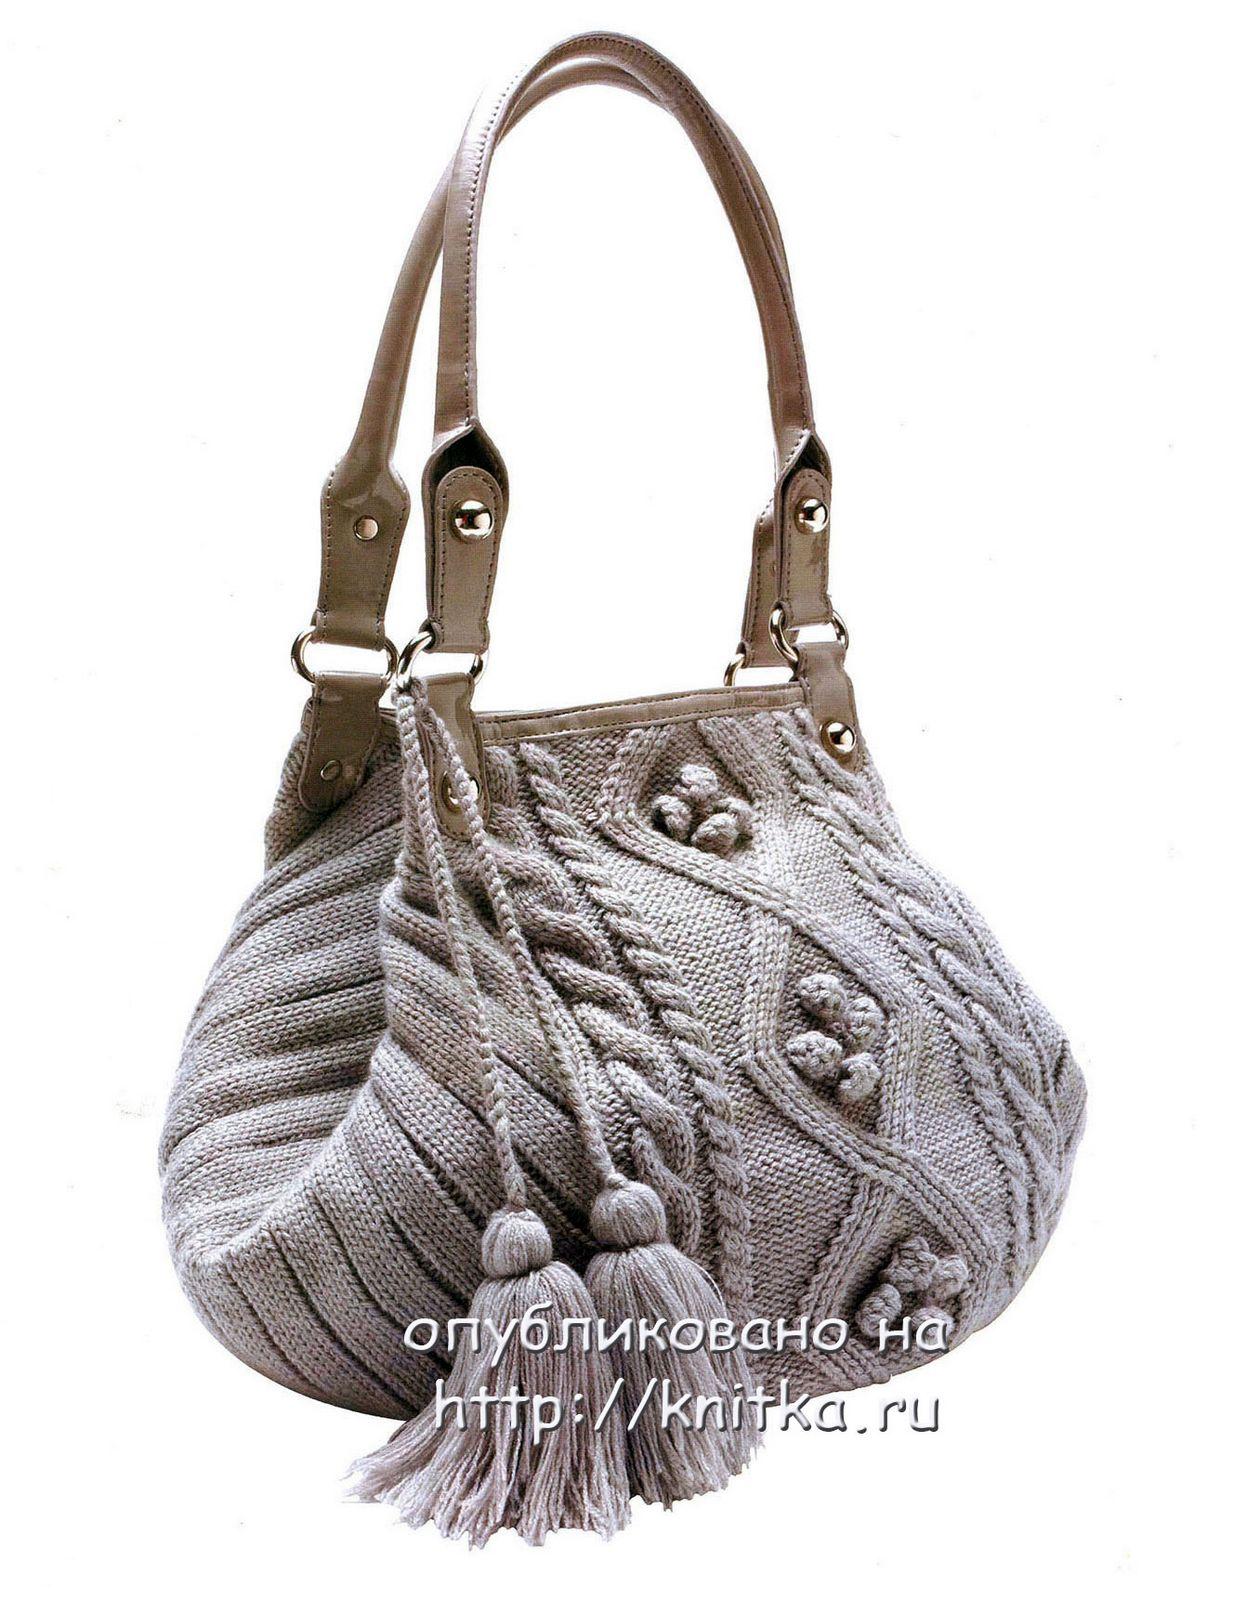 9b0279f6df3d Вязание сумки спицами. Выкройка сумки, схема вязания и описание ...